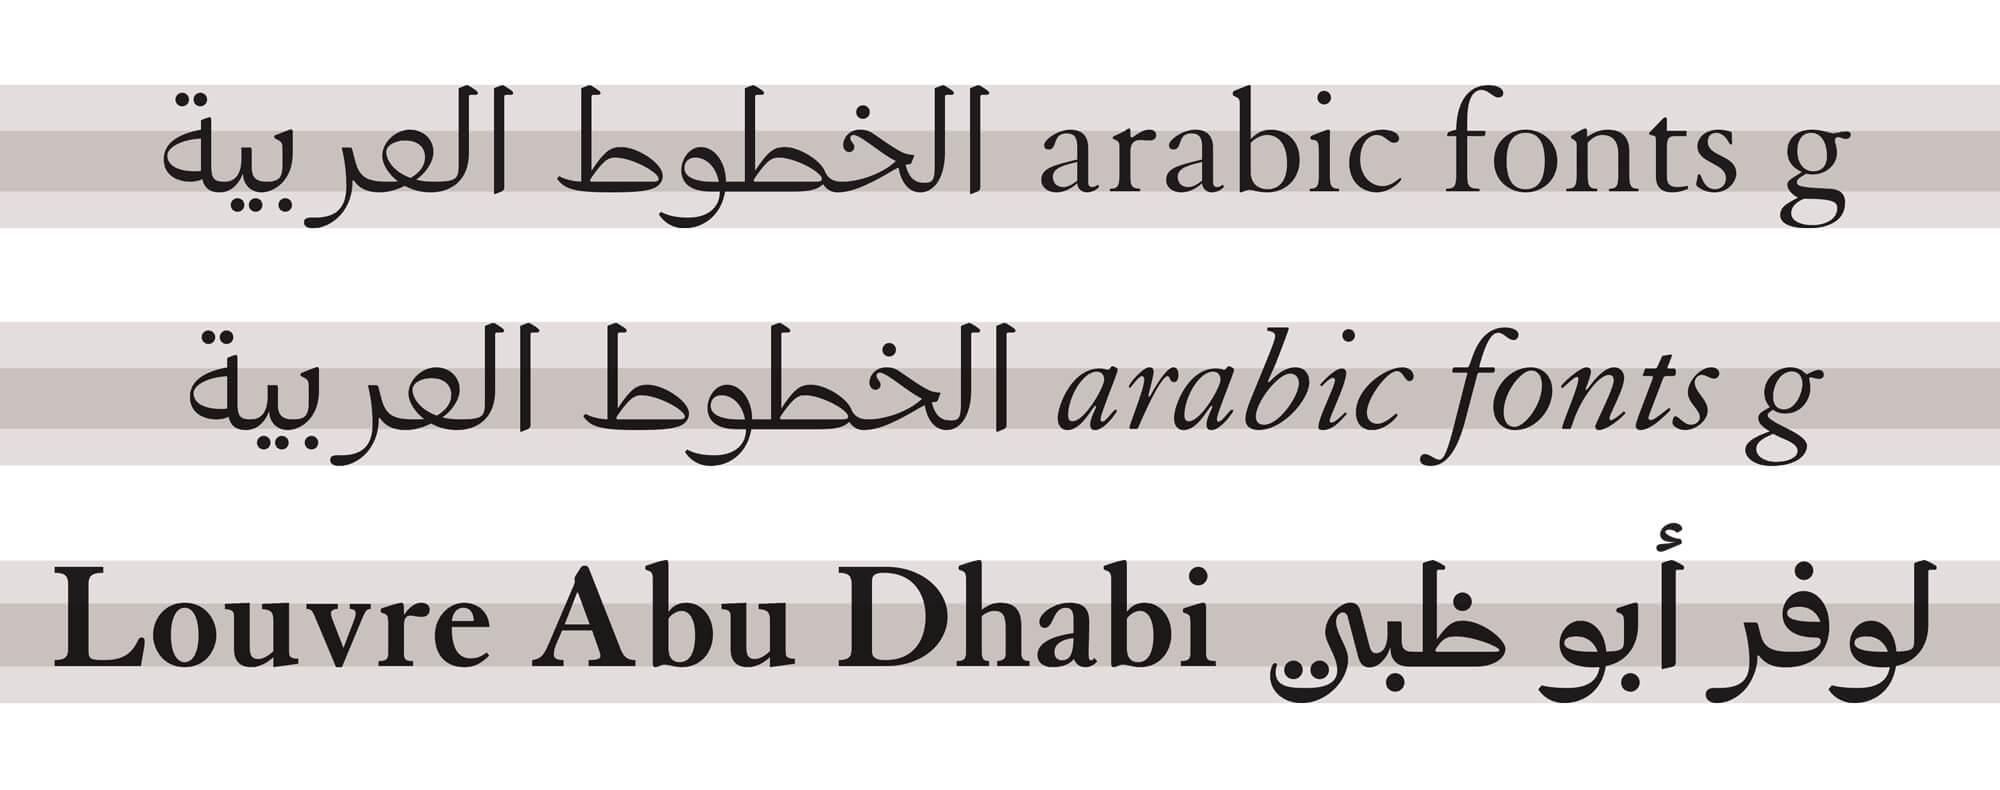 application du louvre arabic, une typographie dessinée par Laurent Bourcelier pour le Louvre Abu Dhabi dans une identité réalisé par Ichetkar.